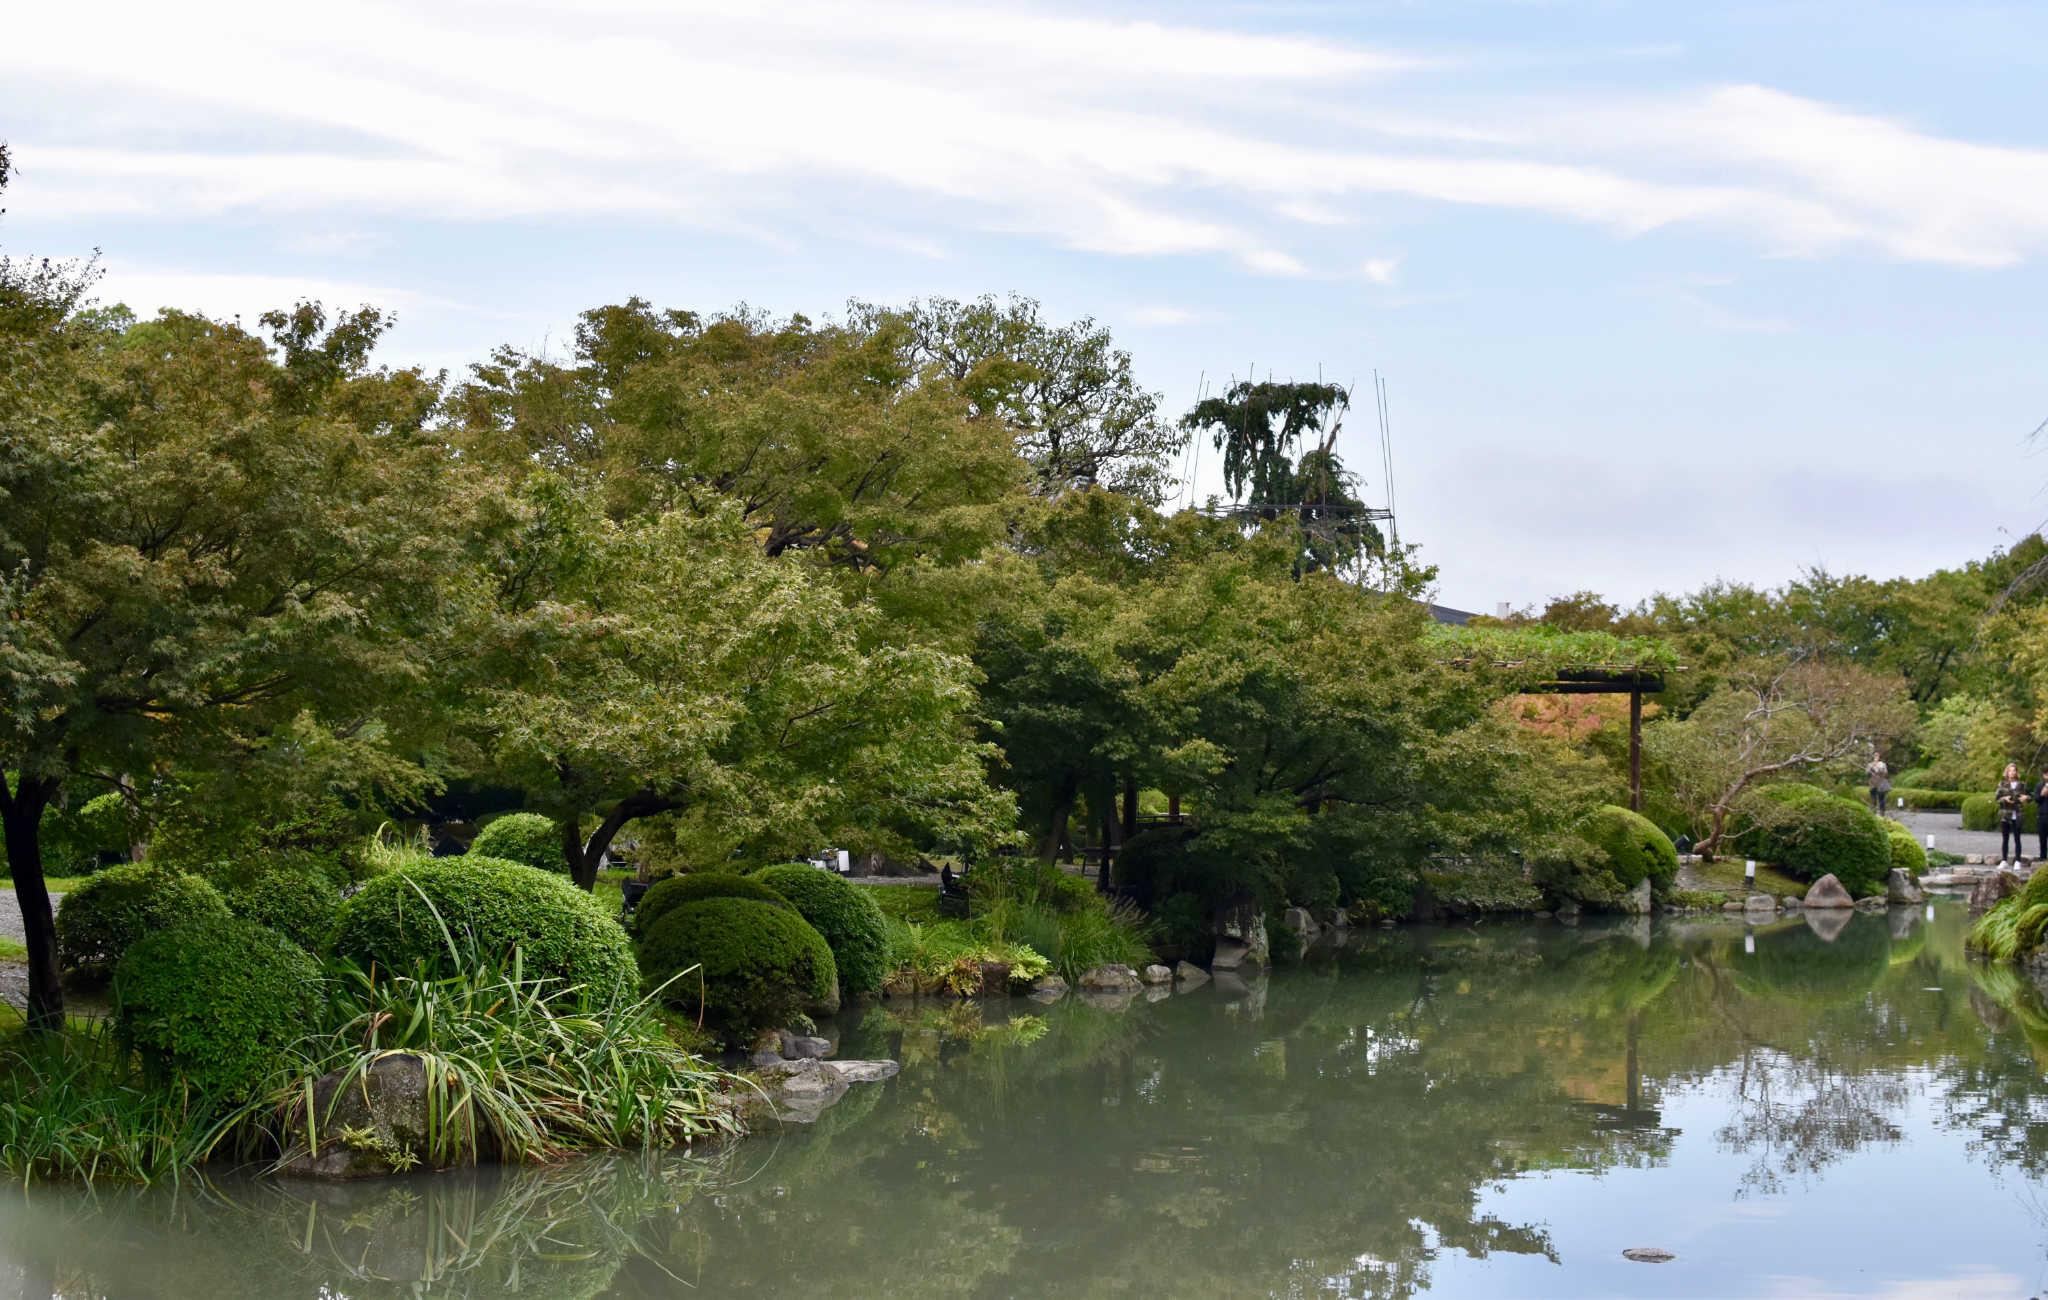 Le jardin est organisé autour d'un plan d'eau